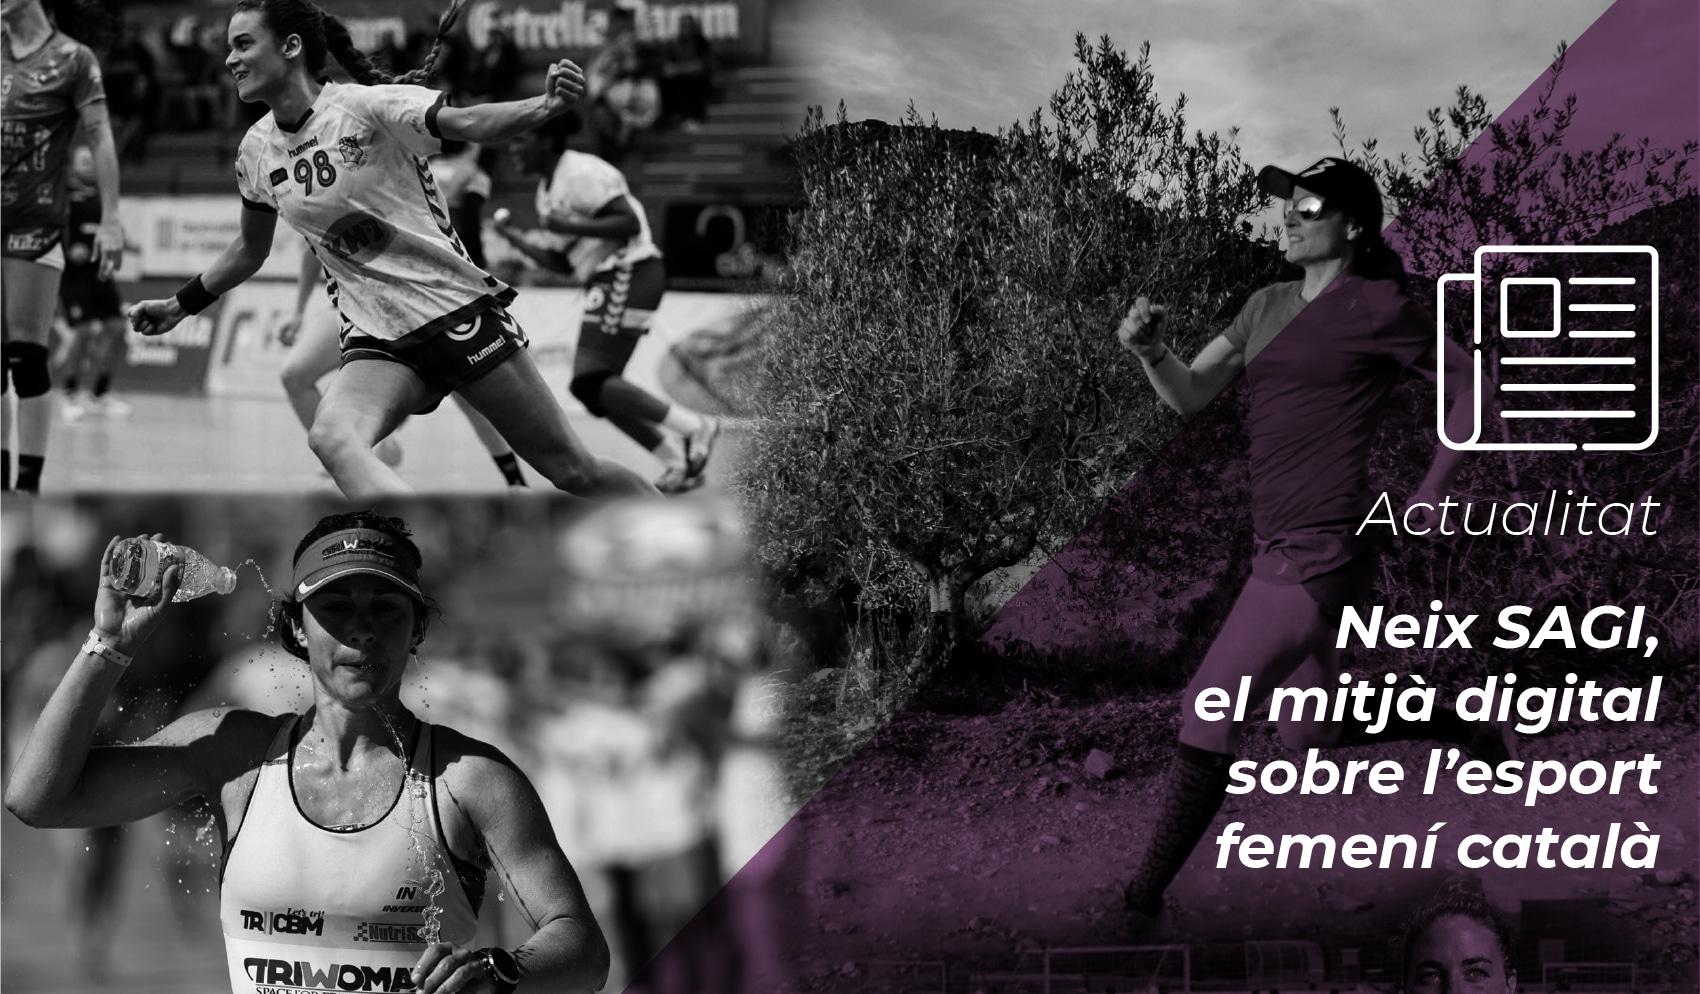 Tota l'actualitat de l'esport femení 17